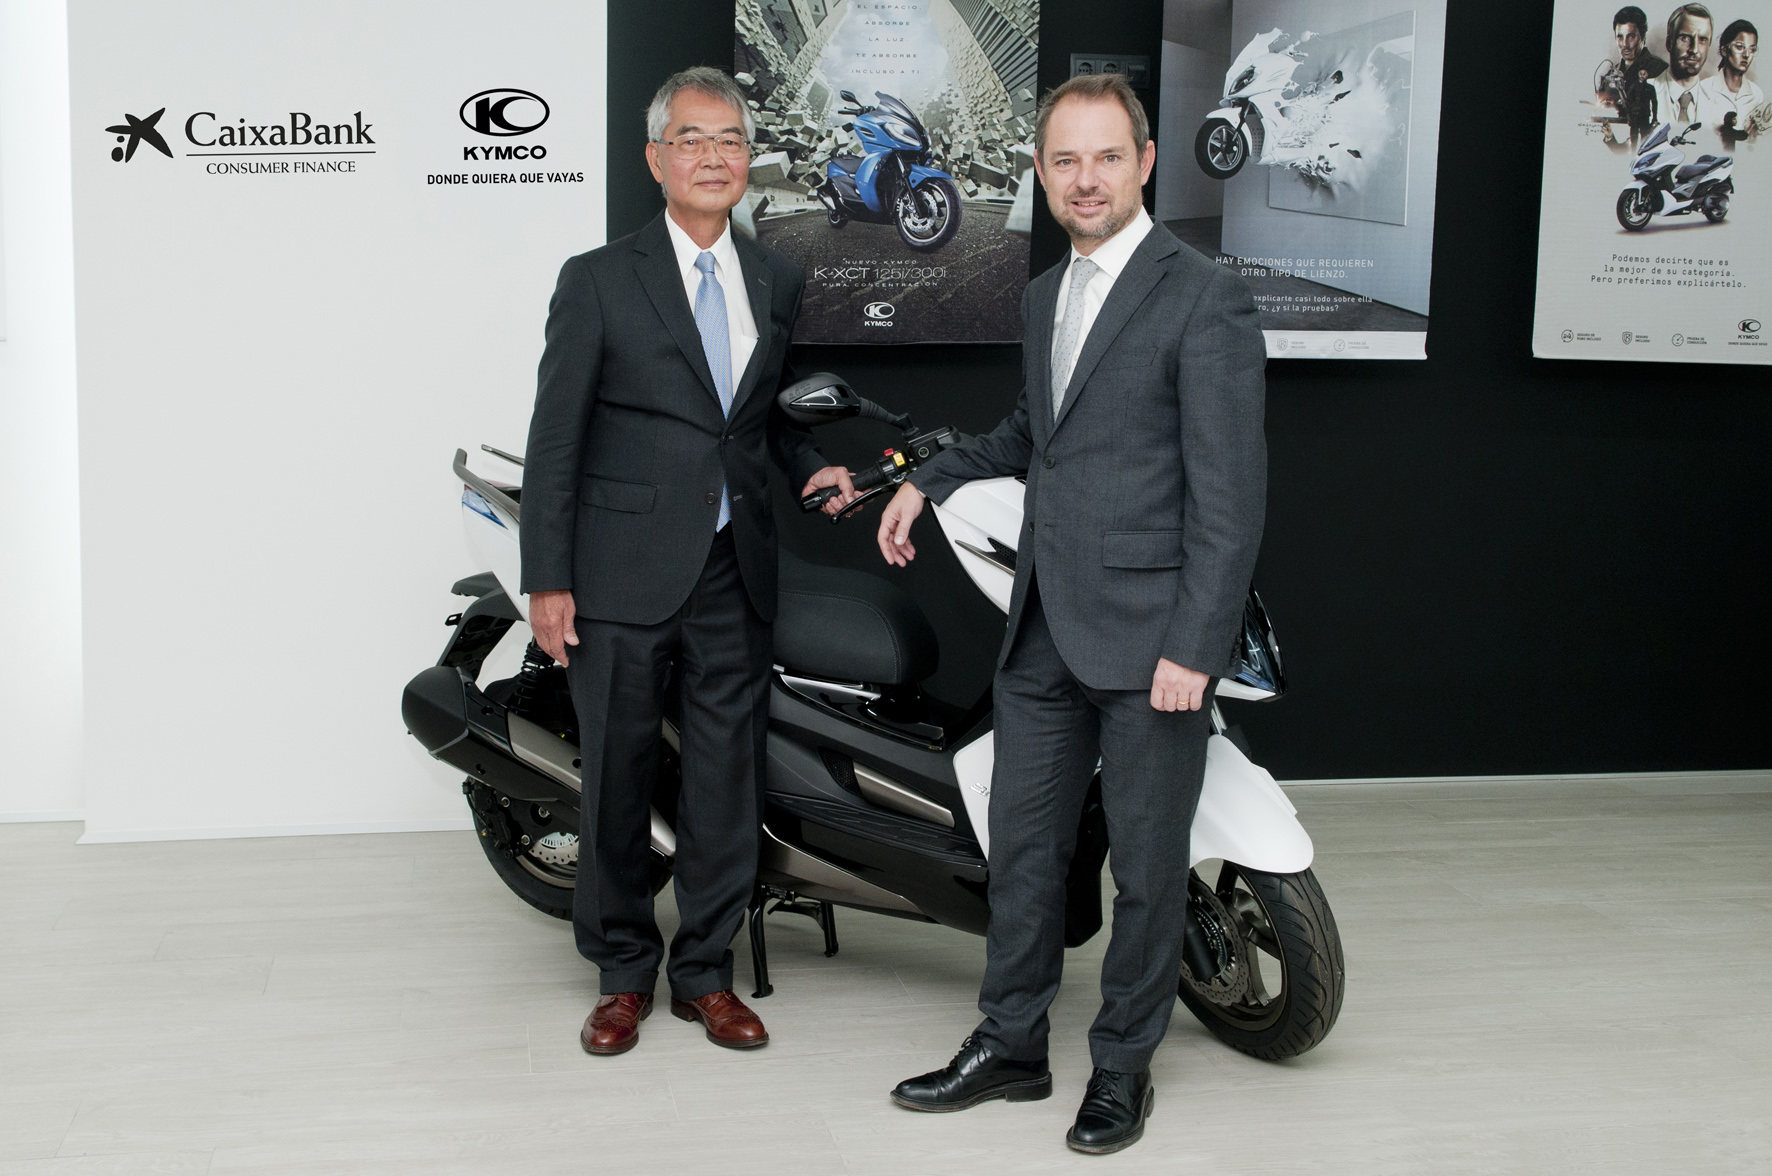 El presidente de KYMCO España, Shiao Song Ko, y el director general de CaixaBank Consumer Finance, Jordi Maymó.